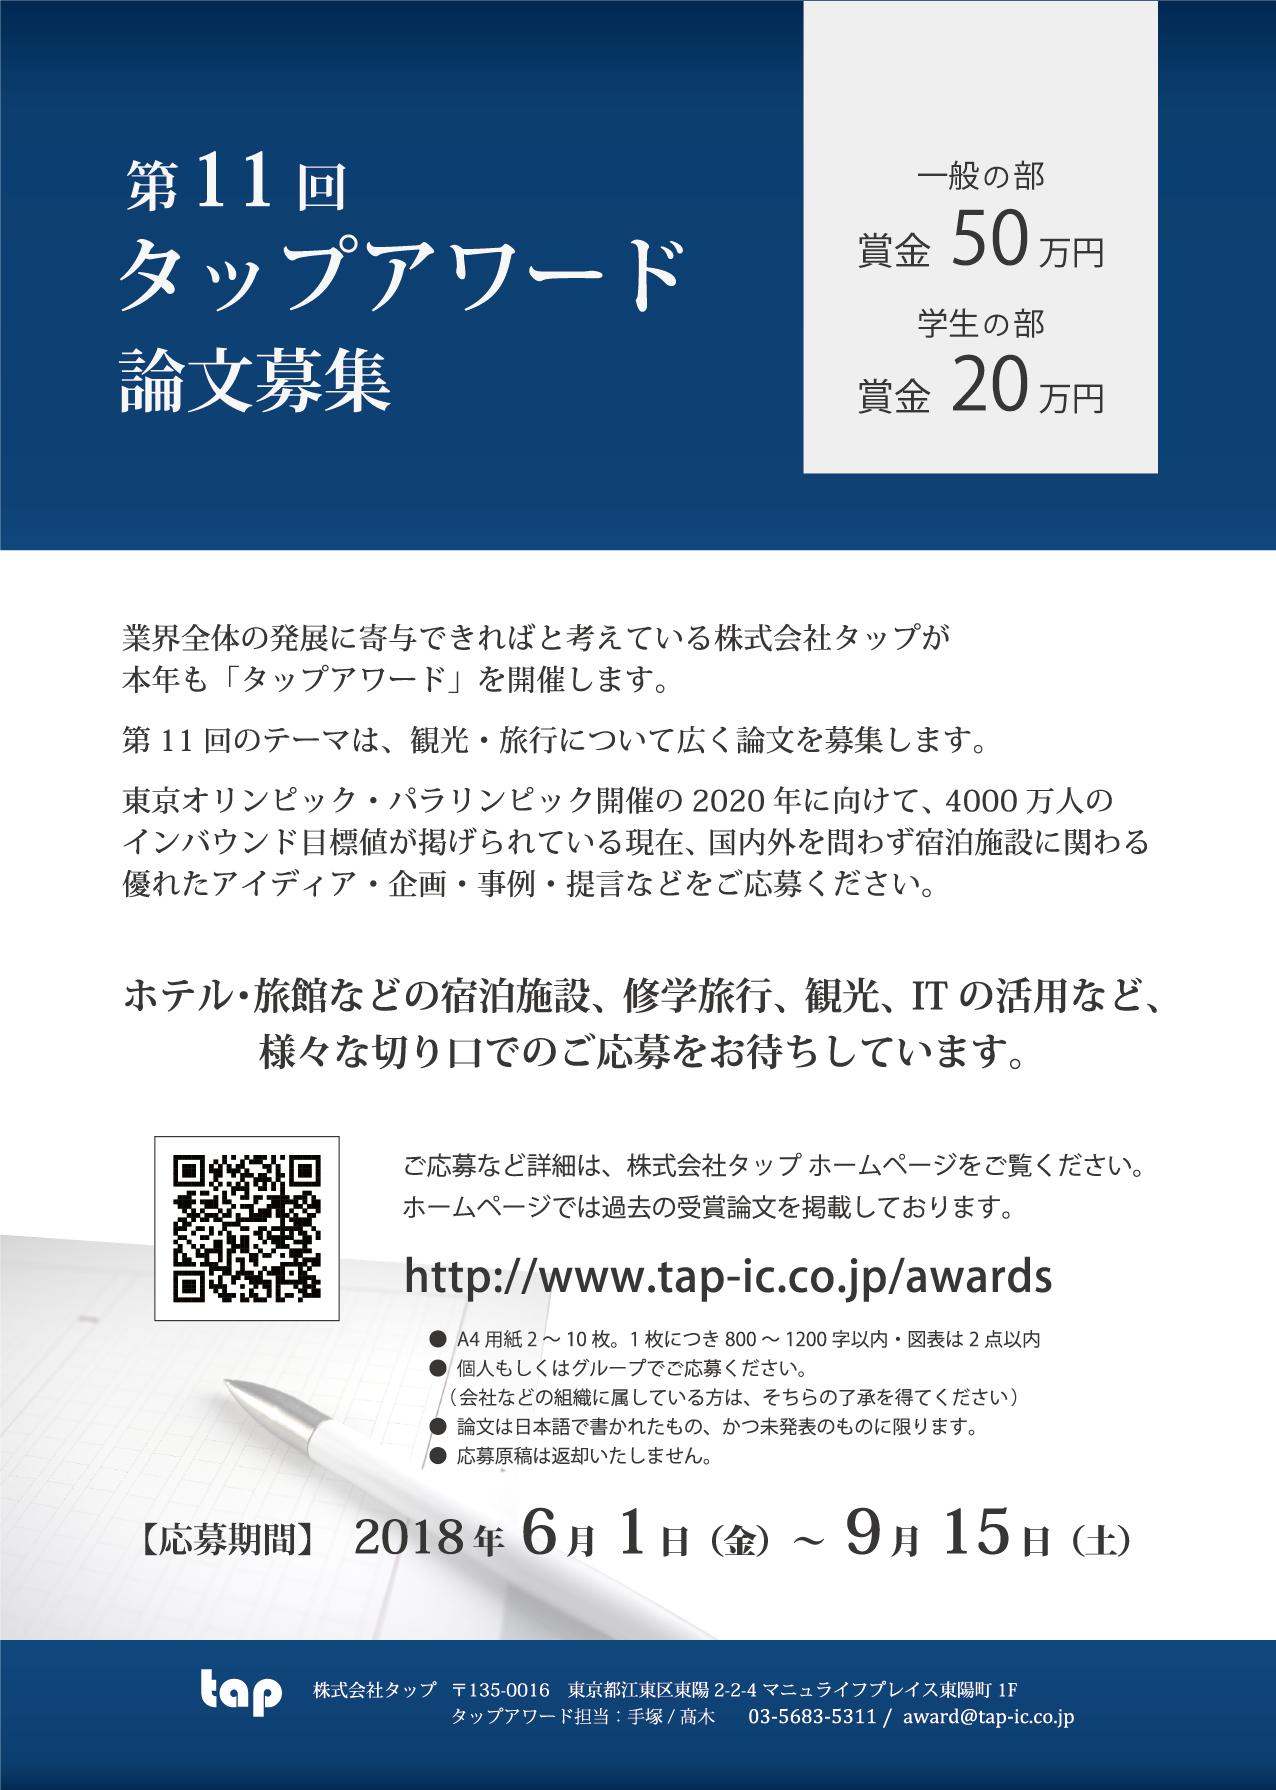 『第11回 タップアワード応募者募集』のお知らせ